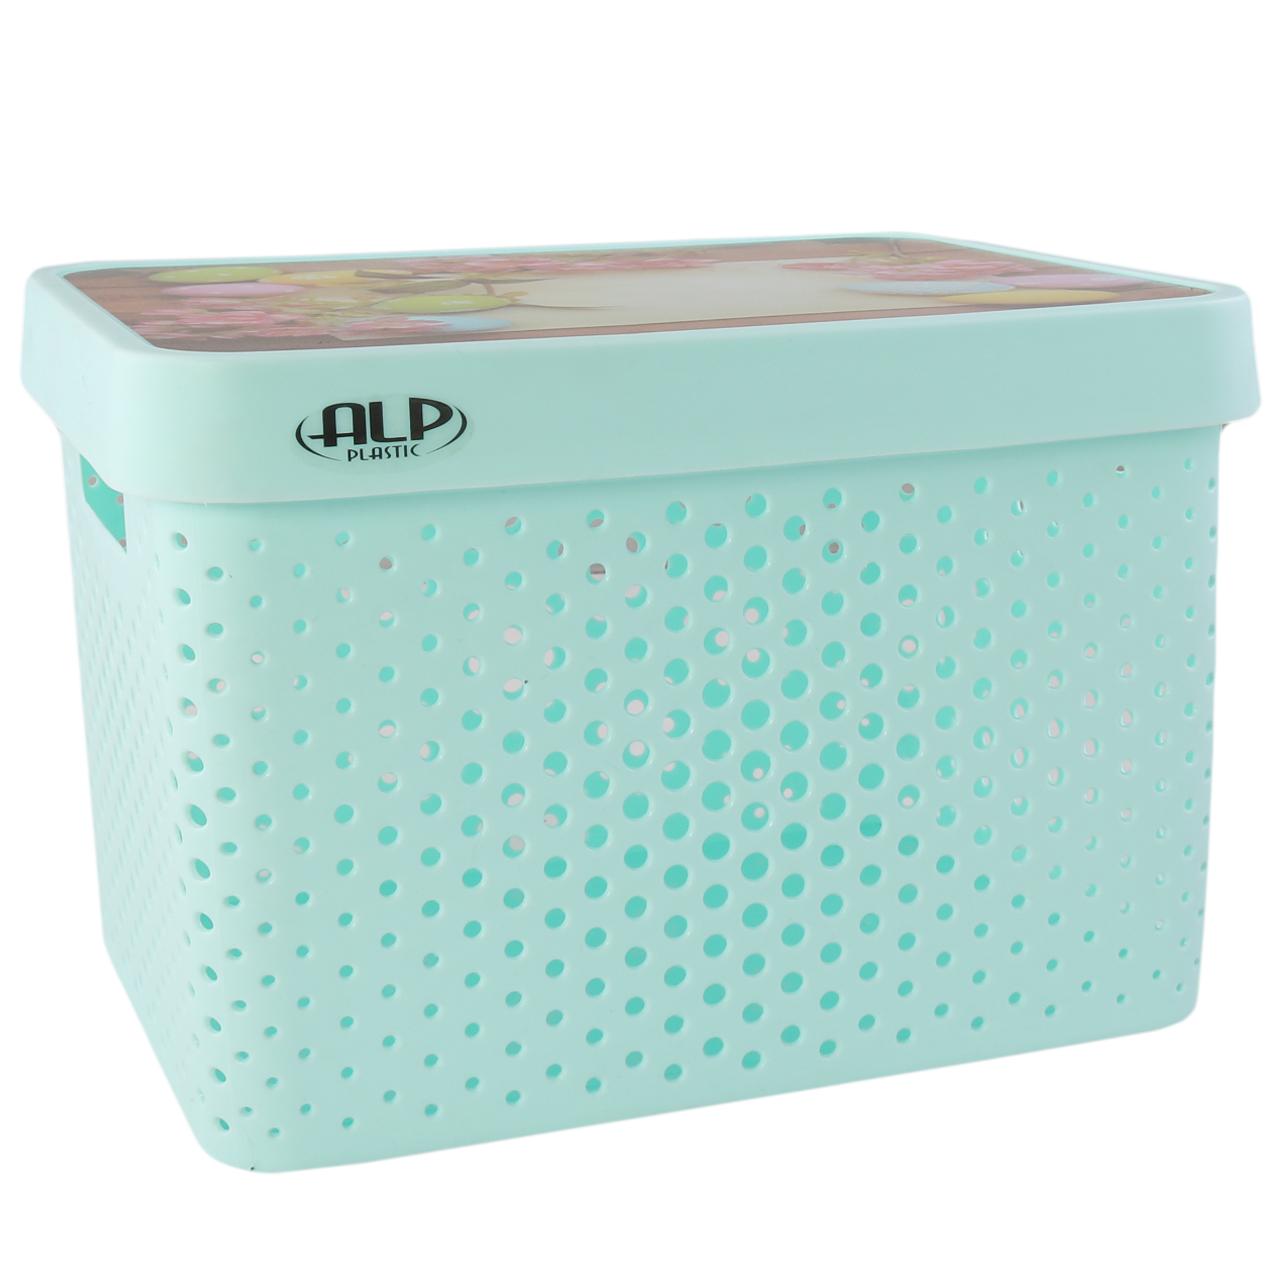 جعبه اسباب بازی کودک آلپ طرح تخم مرغ کد 102822